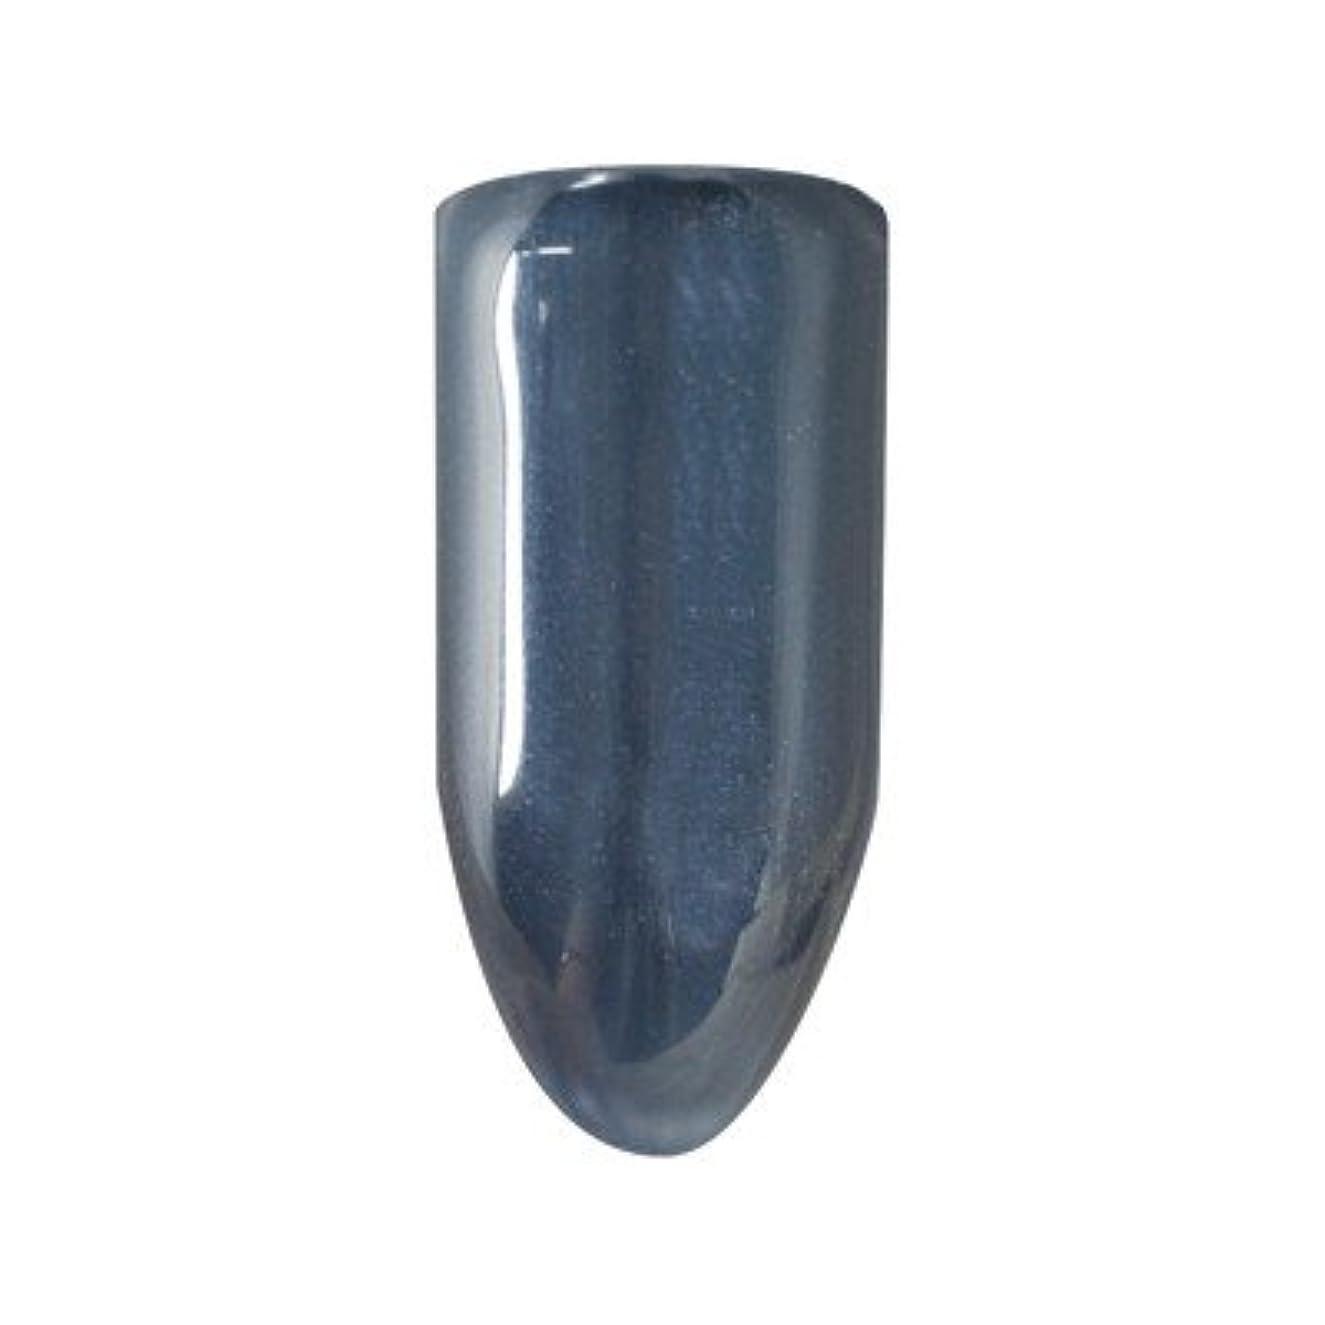 征服するとげのある画像バイオスカルプチュアジェル カラージェル 127 ヴィクトりアフォールズ K 4.5g